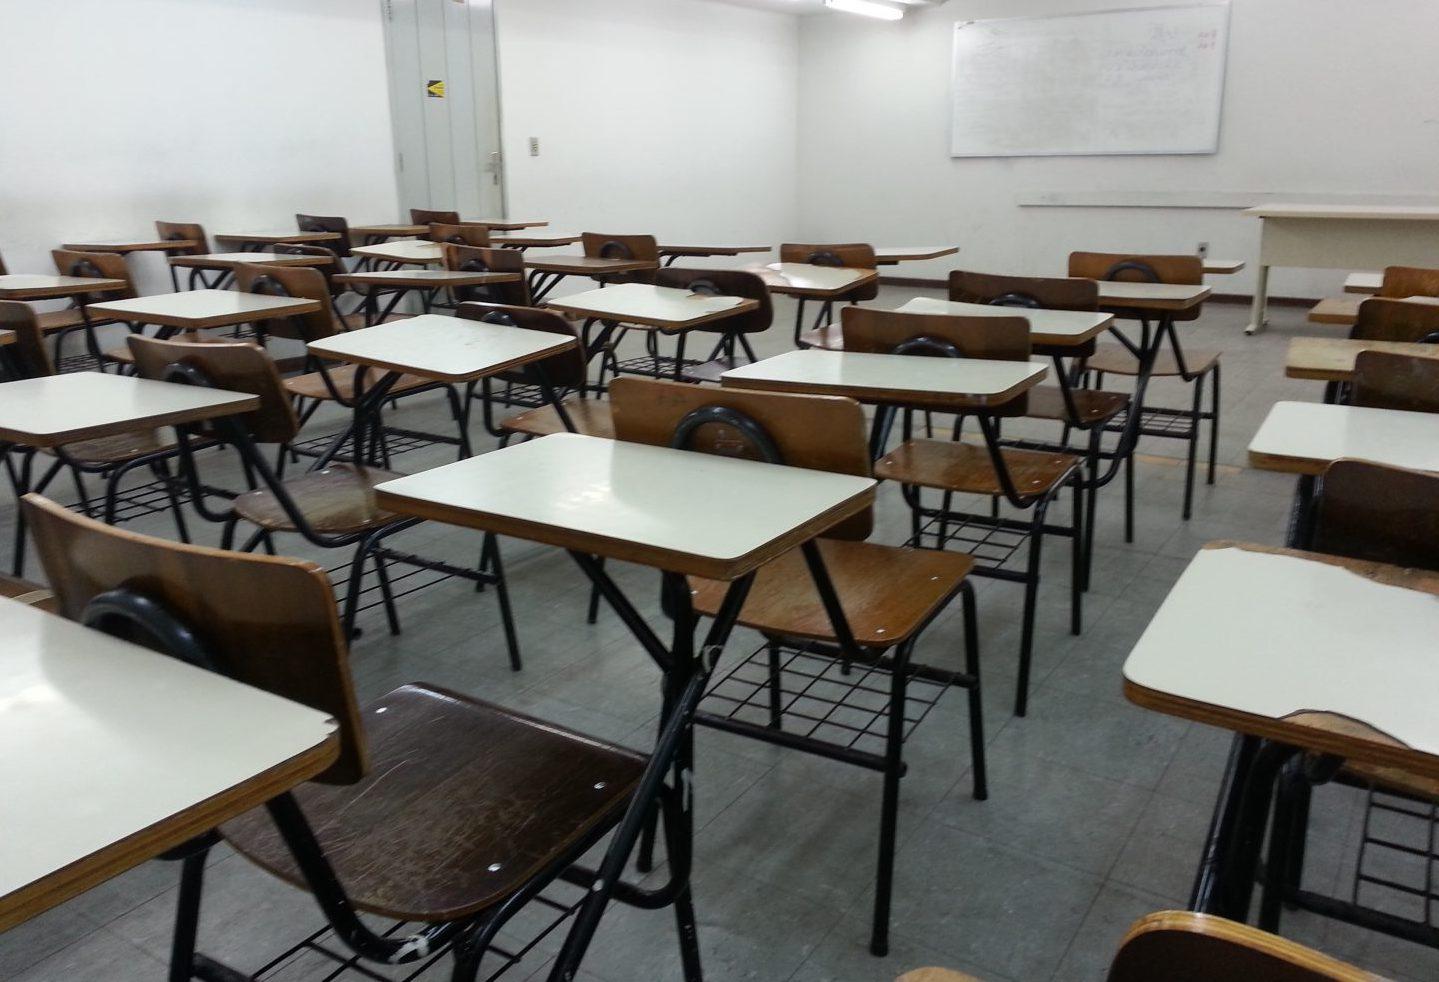 Governo do Rio Grande do Sul divulga nesta terça-feira o cronograma de retomada das aulas